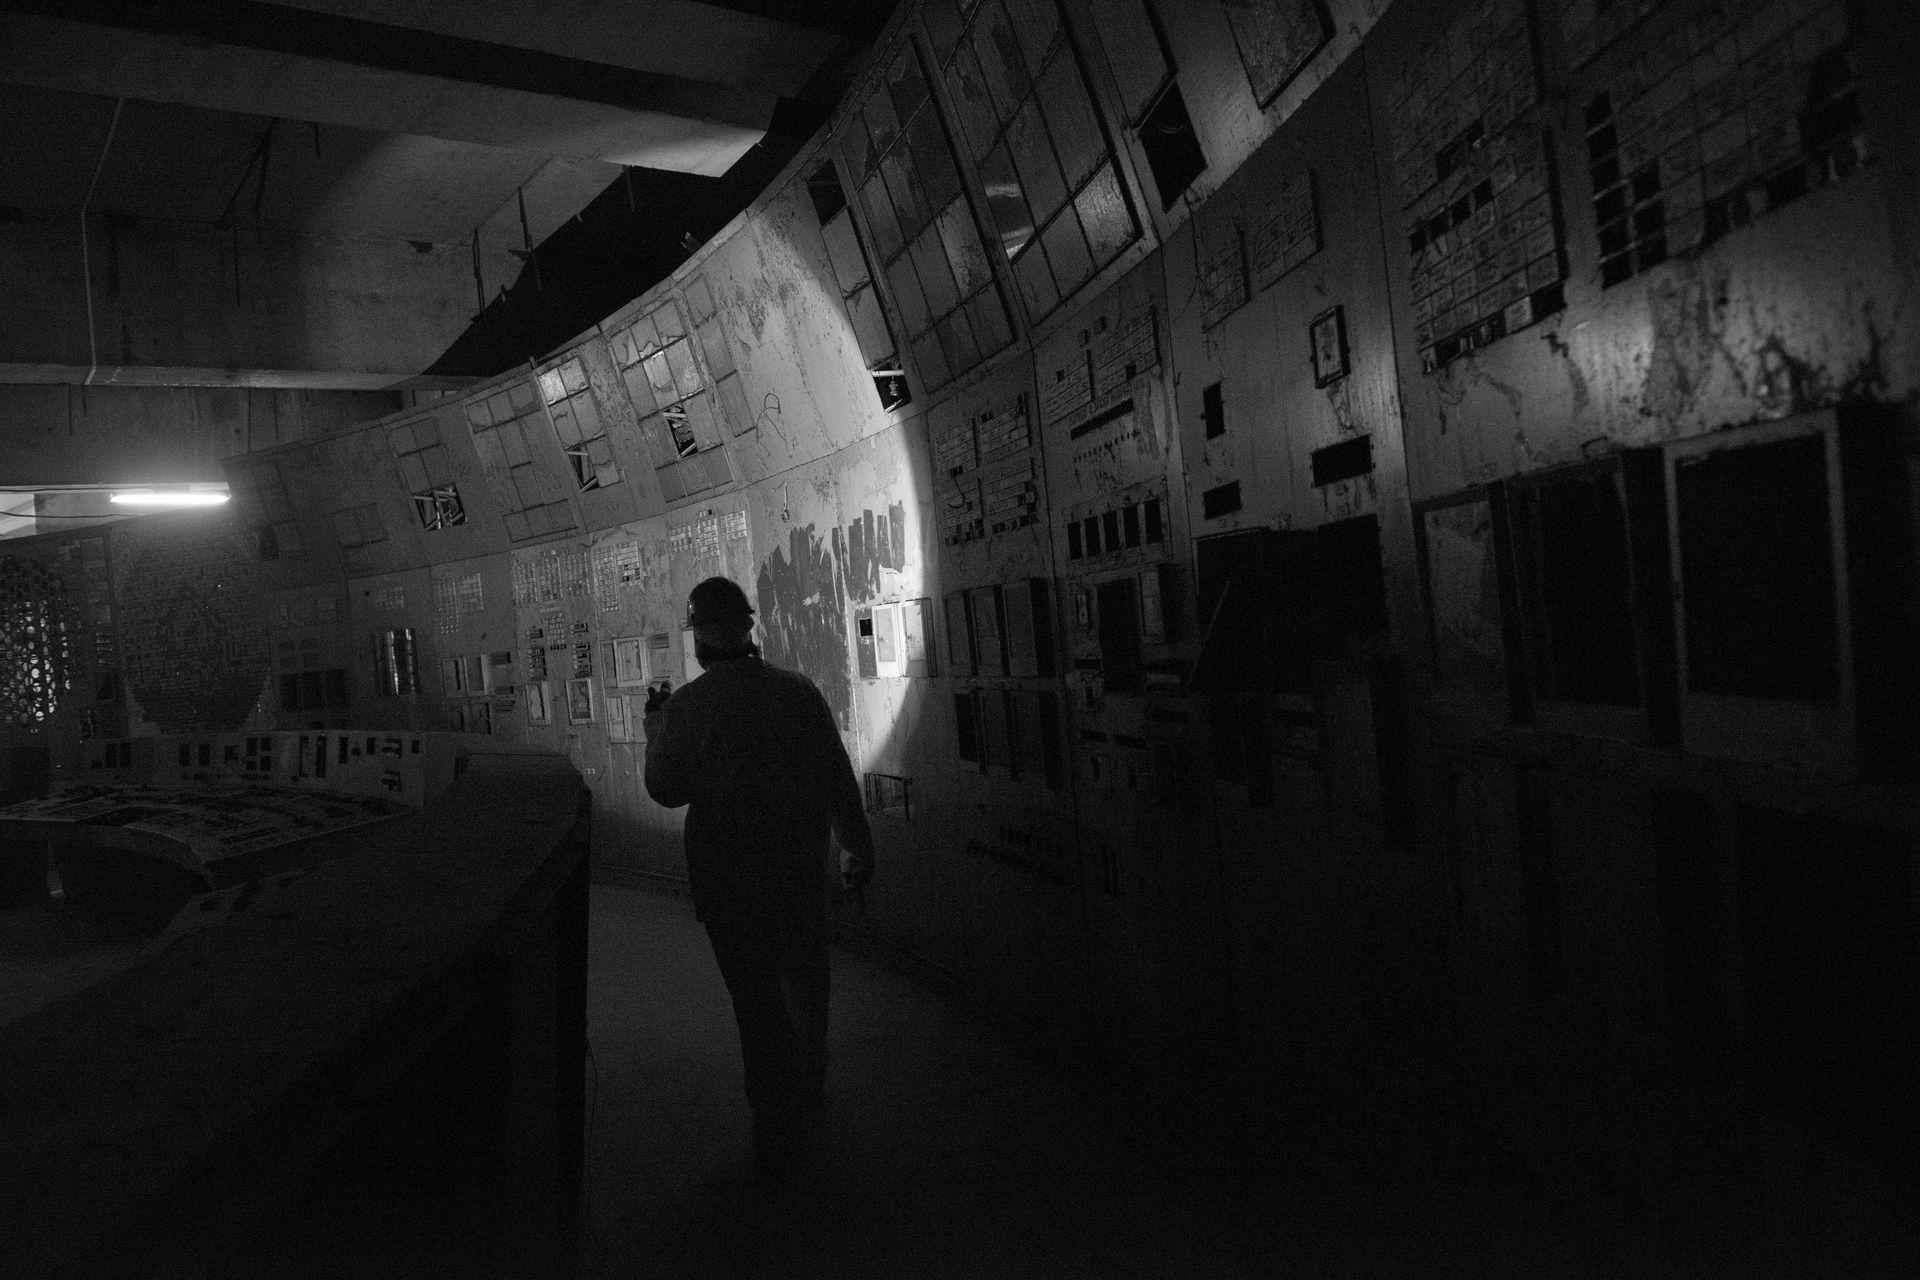 Chernobyl 30 anni dopo - 1